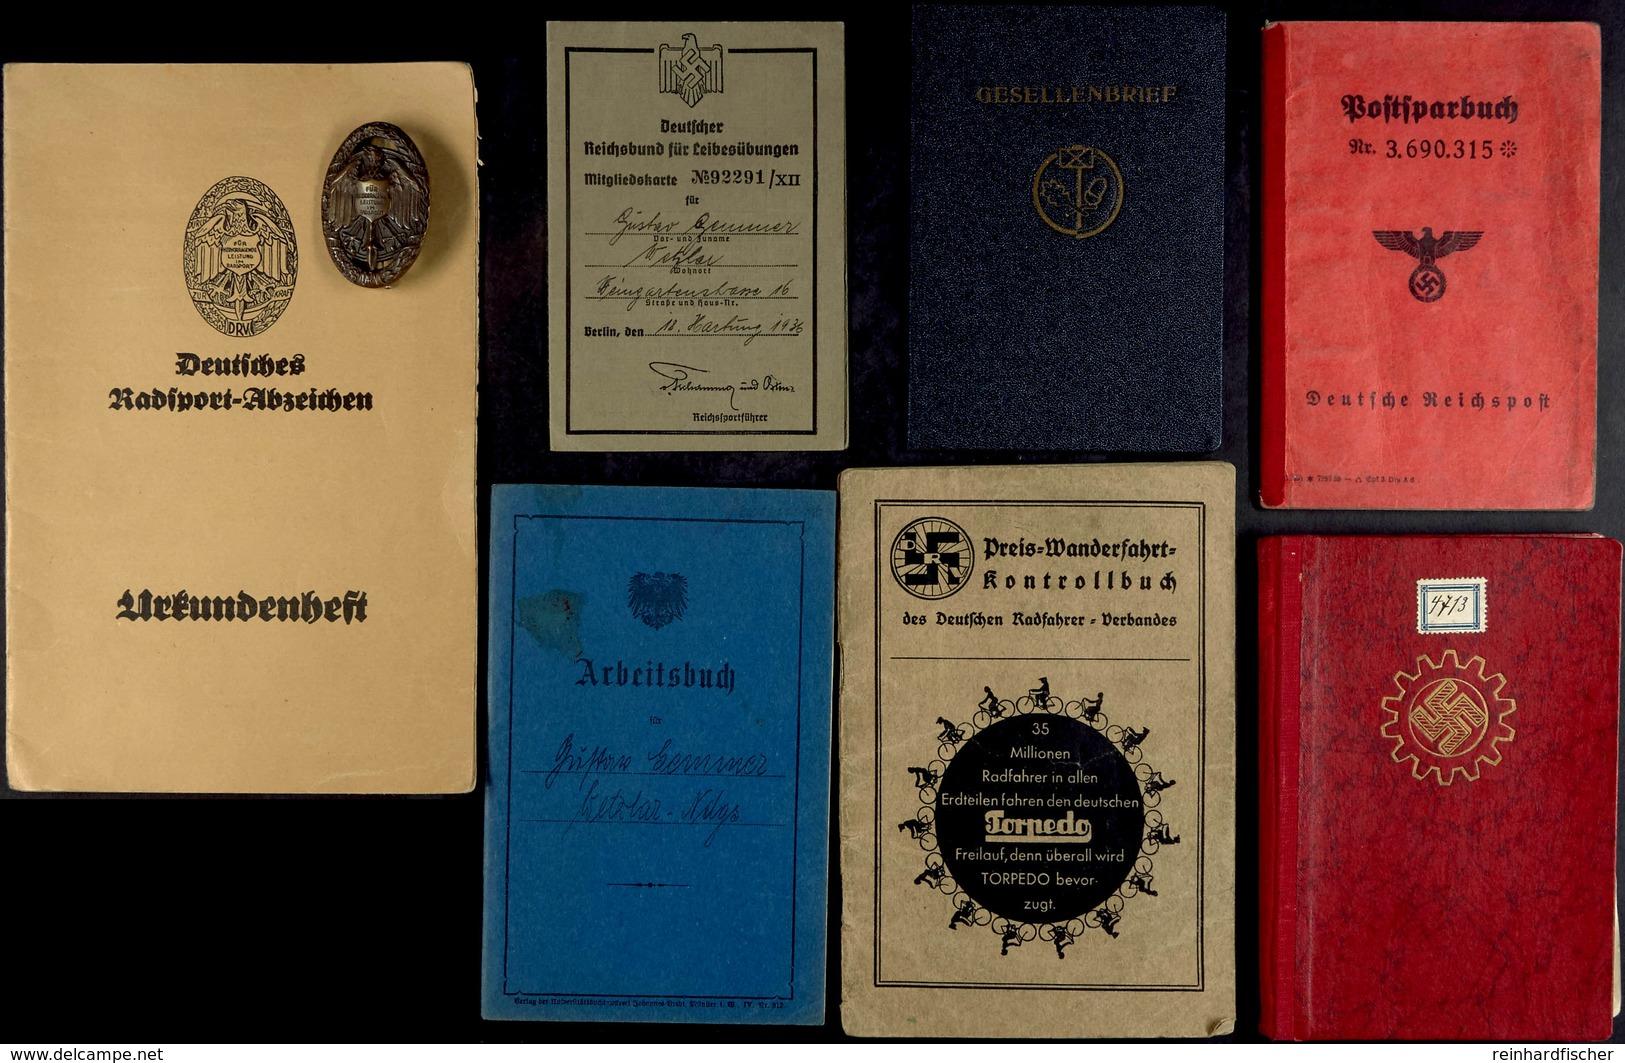 Nachlass Mit Deutsches Radsportabzeichen In Bronze Des VDRV (Vereinigung Deutscher Radsport-Verbände) Mit Herstellerpunz - Libri, Riviste & Cataloghi